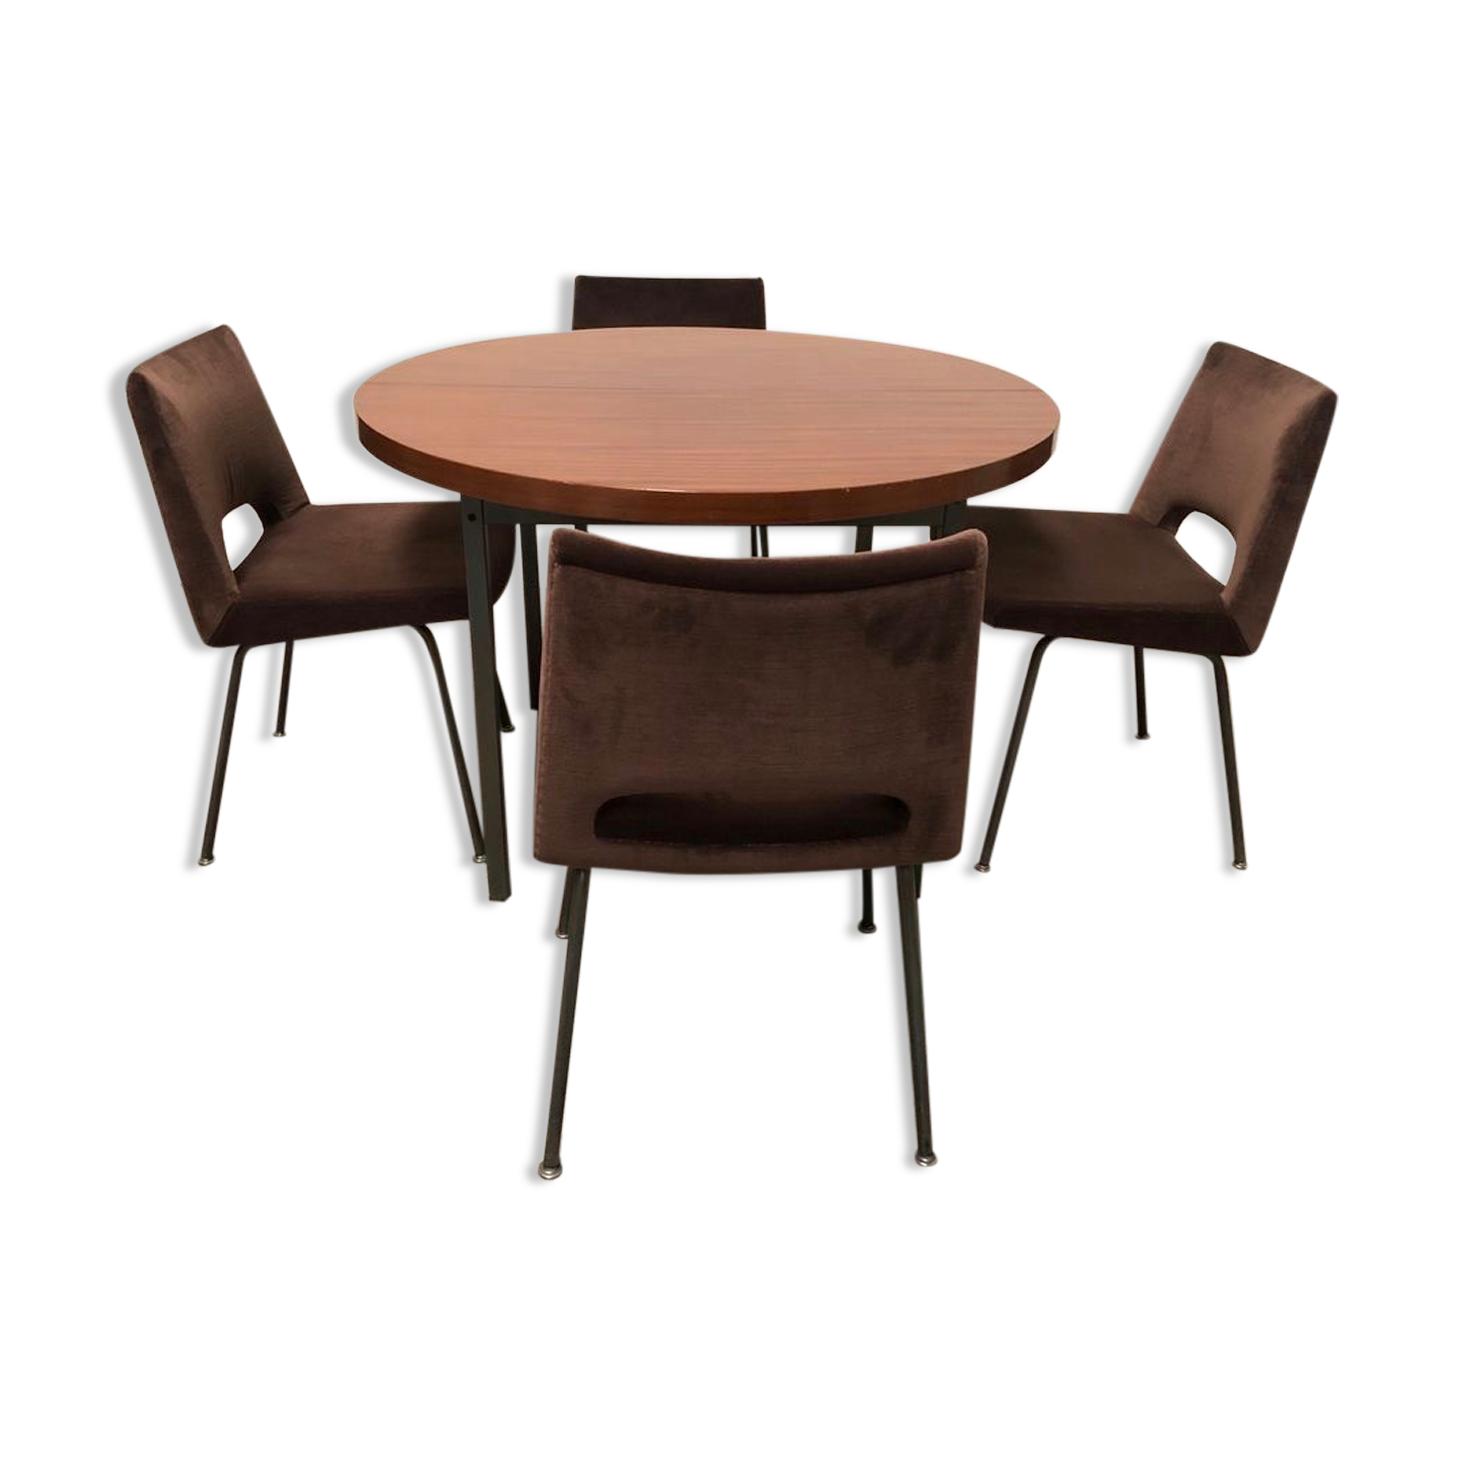 Table de salle à manger ovale et 4 chaises de Georges Frydman éditée par E.F.A 1965